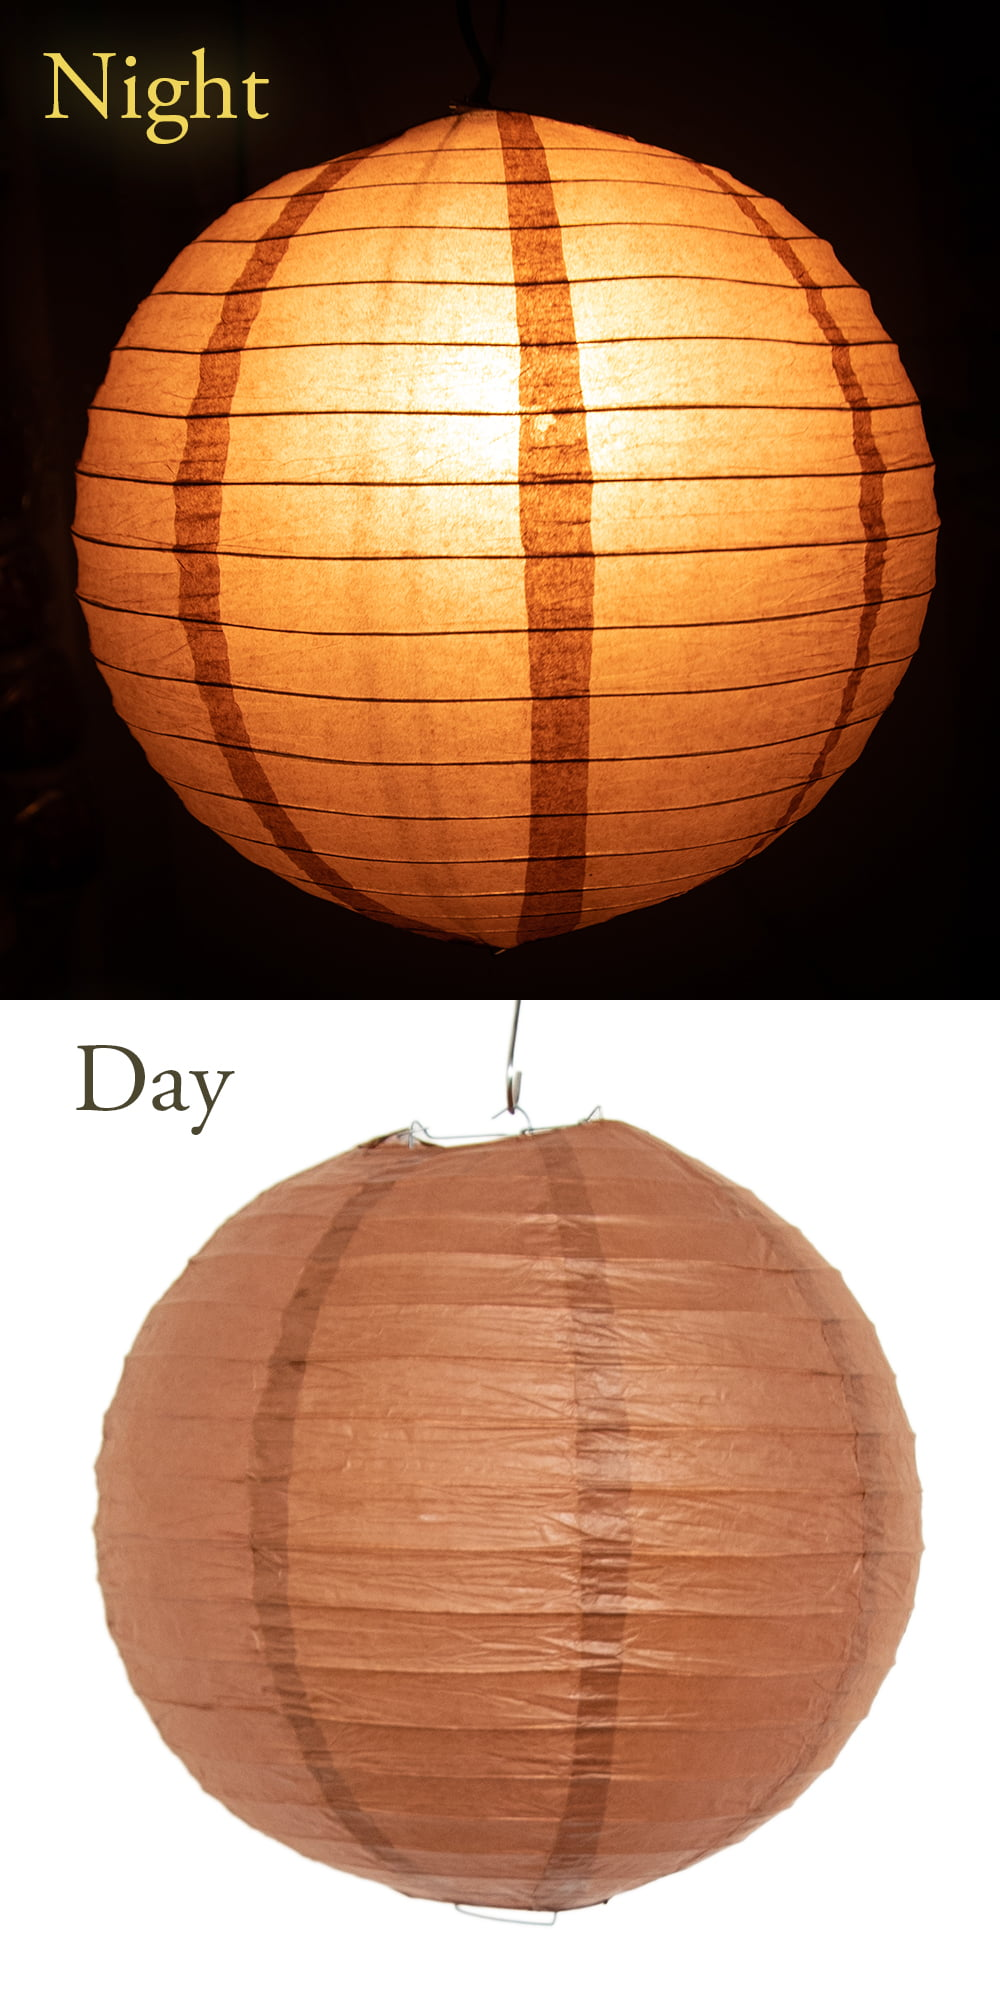 【8色展開】ベトナムのカラフル提灯・ランタン - 丸型 直径30cm 13 - お届け時はこのように折りたたんであります。支柱とのセットになります。